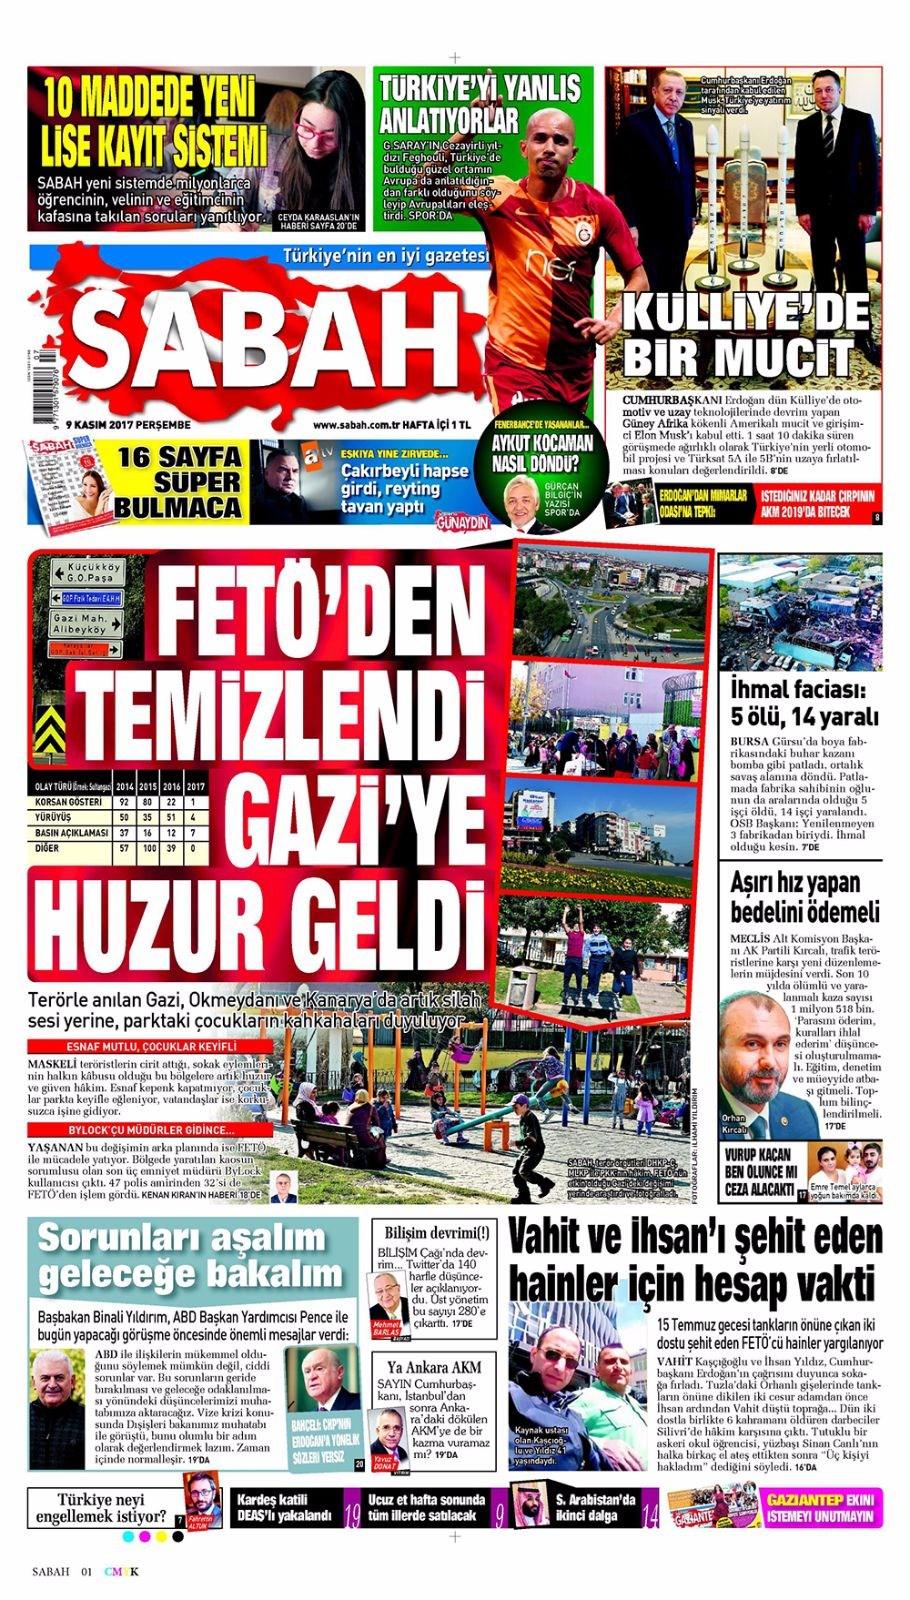 Basında bugün kim ne manşet attı? 9 kasım günün gazete manşetleri 10